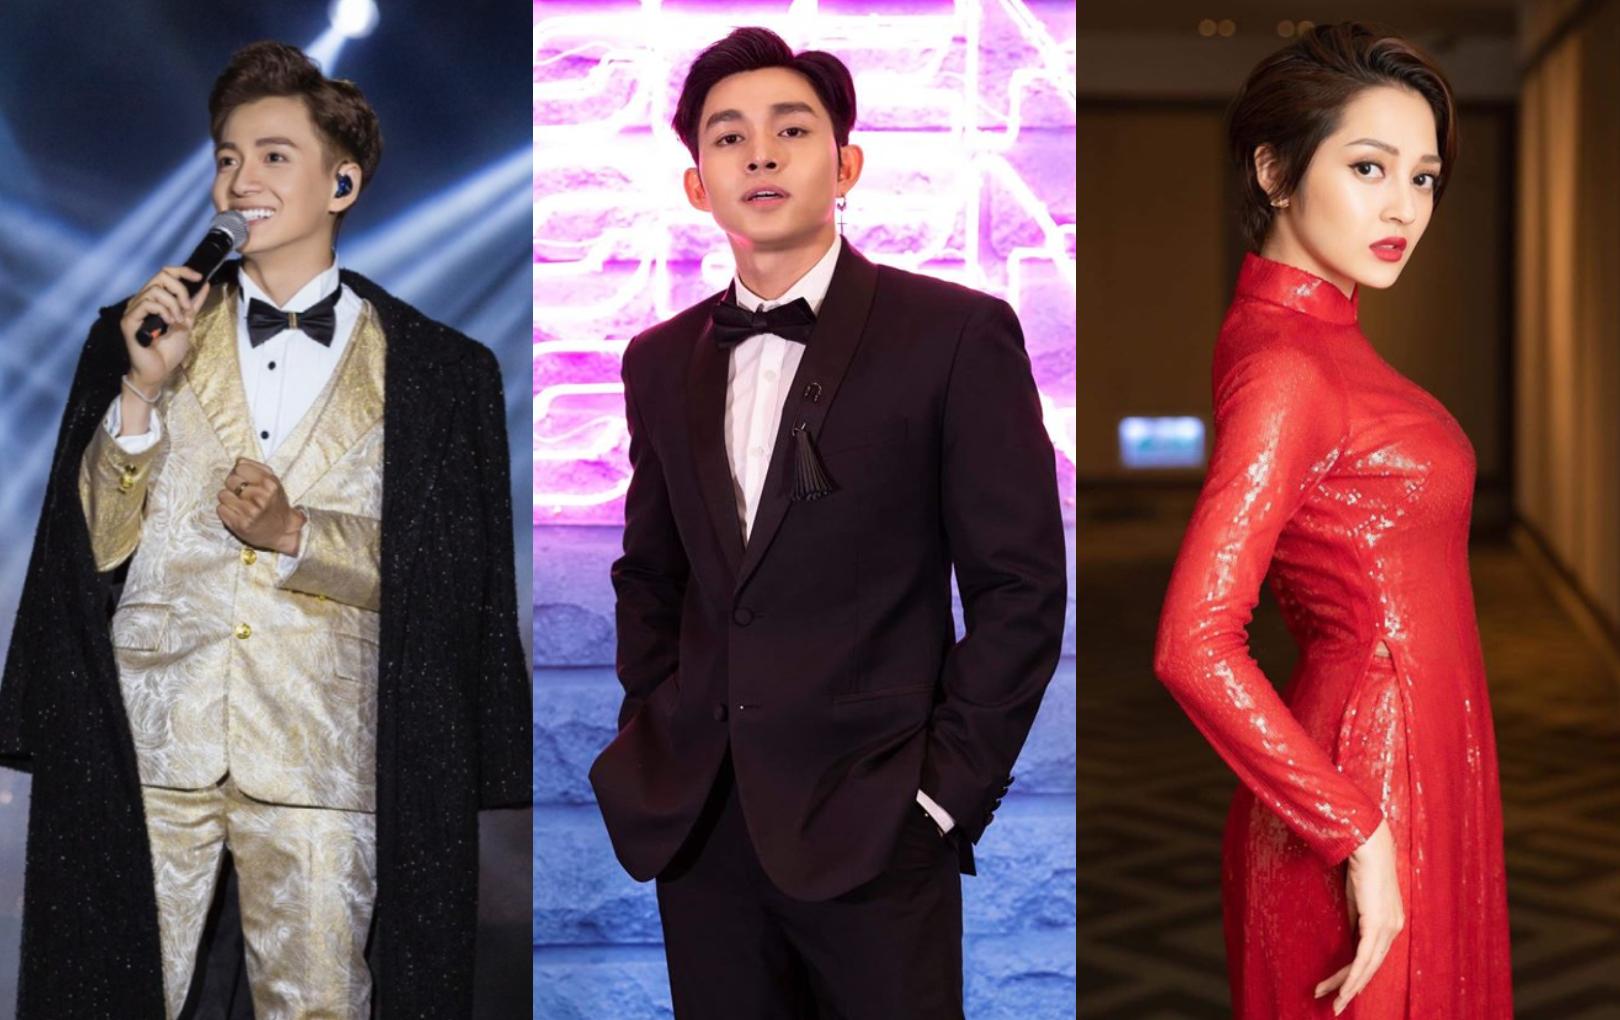 Jun Phạm, Ngô Kiến Huy, Bảo Anh cùng loạt sao Việt ôn lại kỷ niệm năm cũ, chúc mừng năm mới 2020